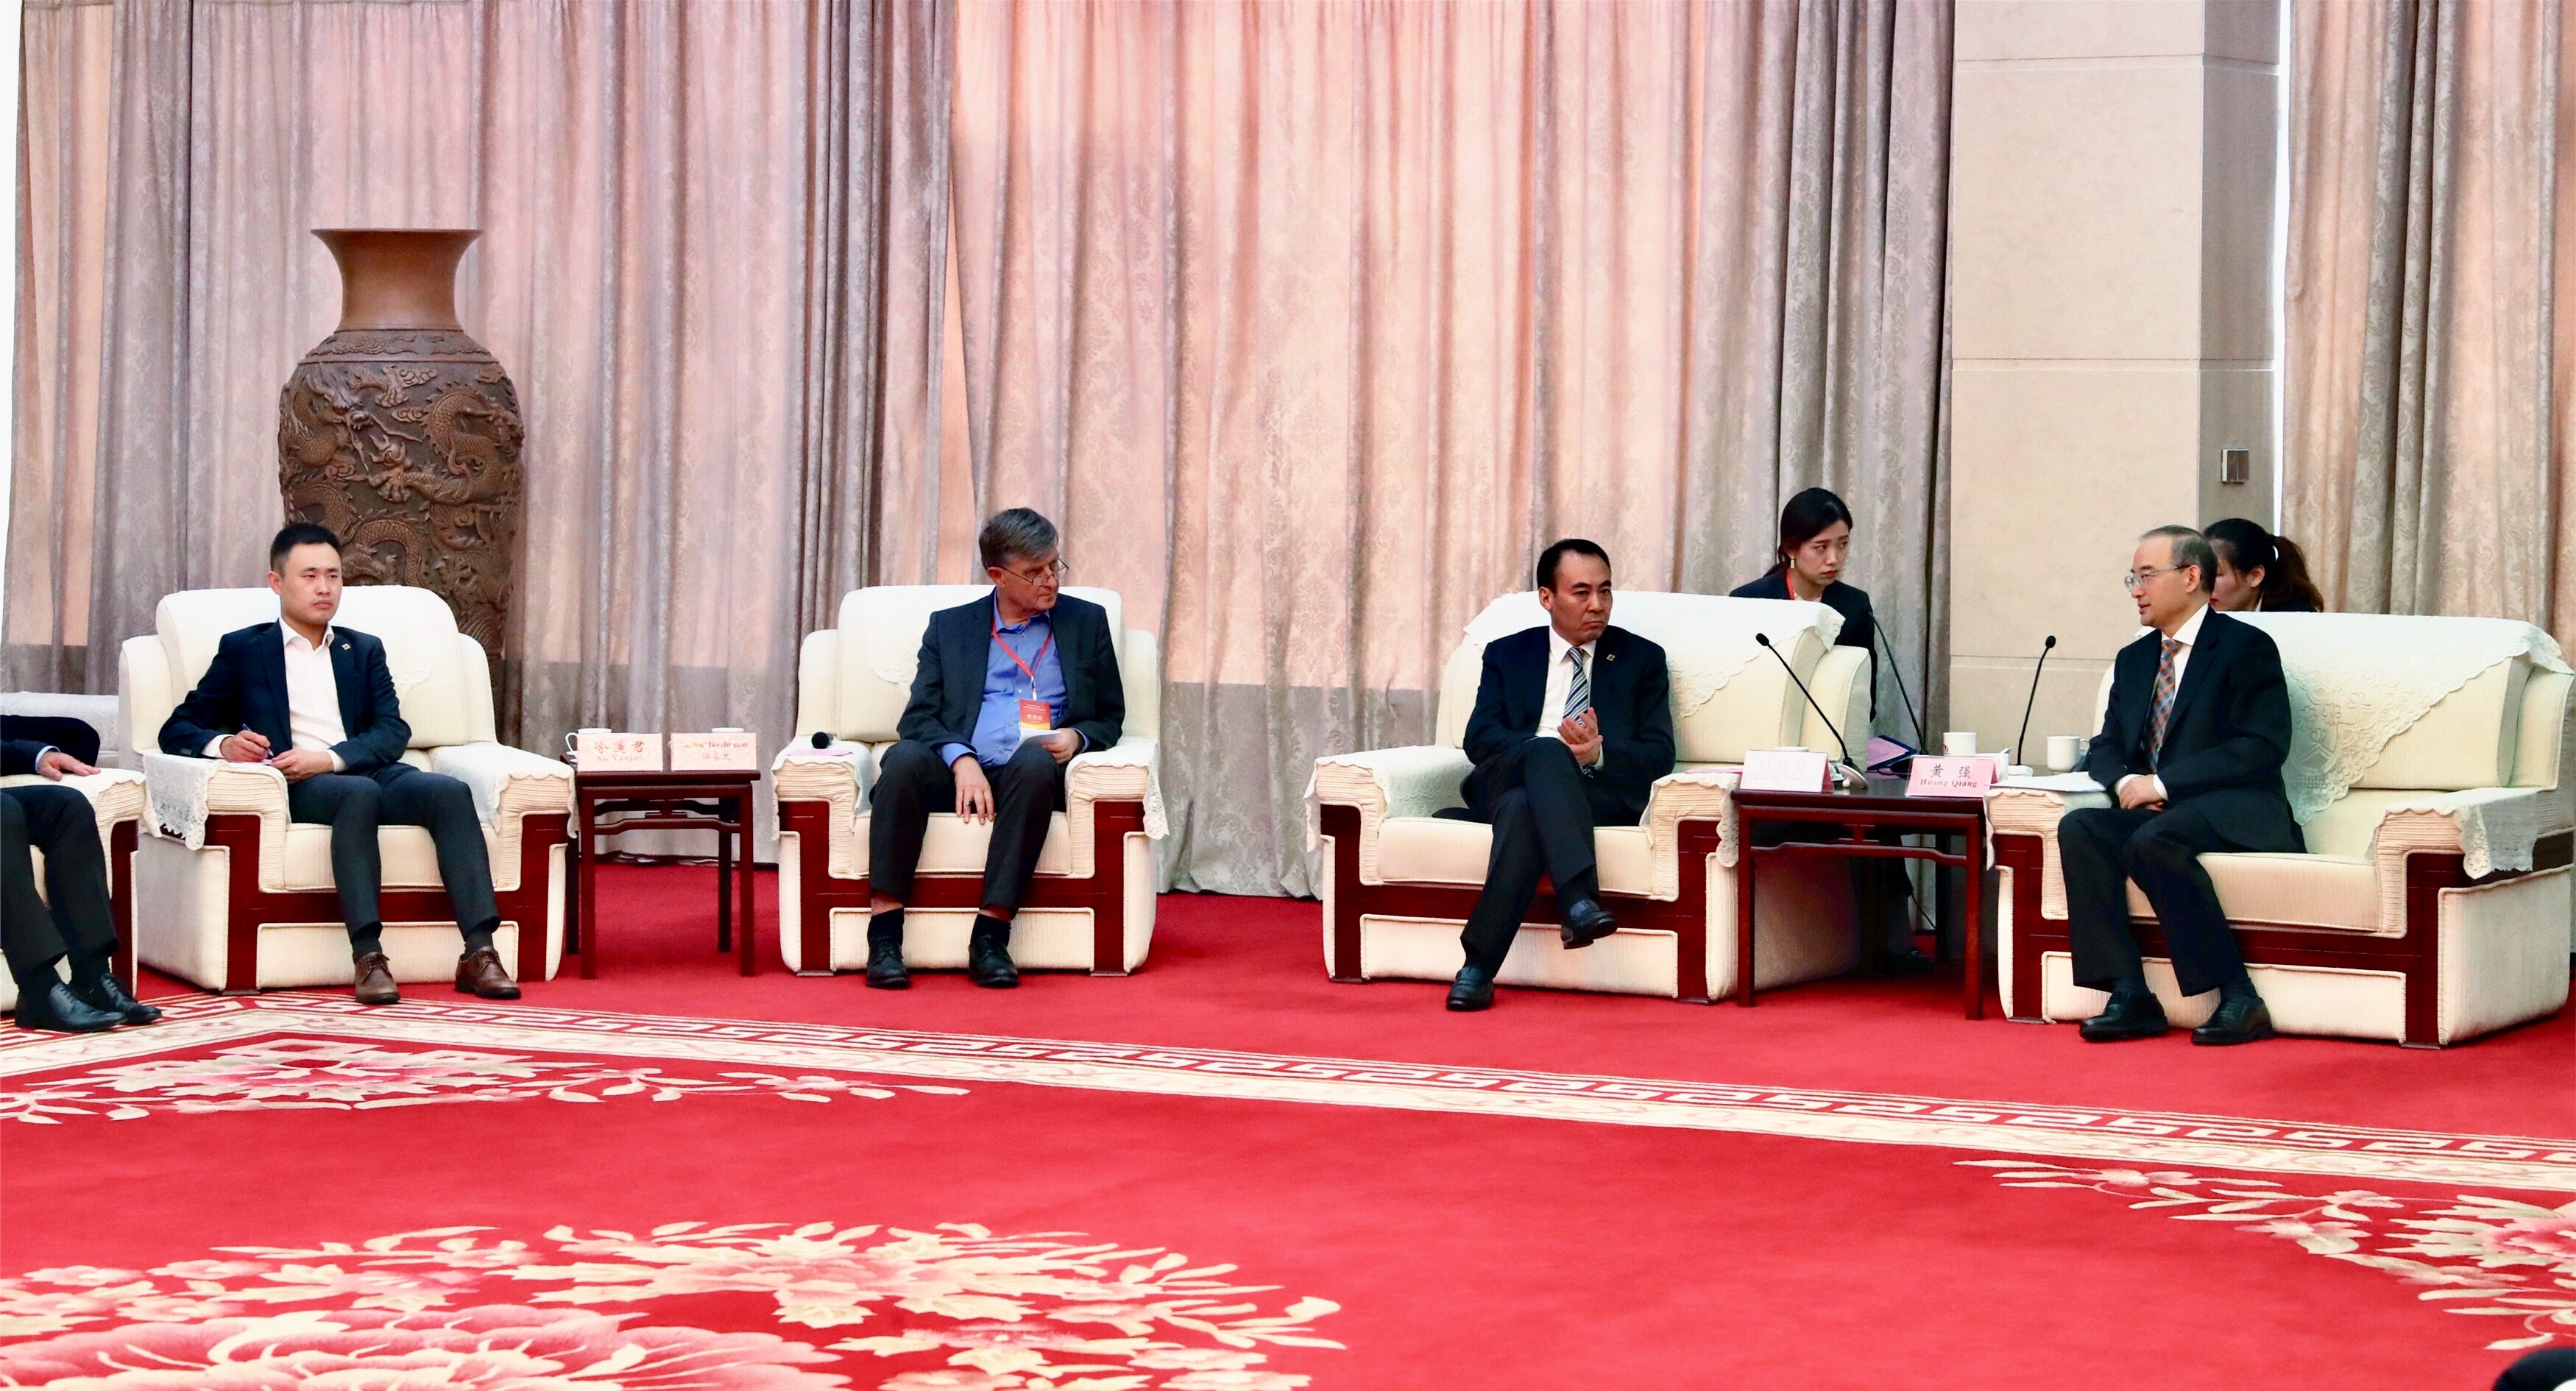 Empfang durch Vize-Gouverneur HUANG Qiang (rechts), links daneben CIPA-Direktor LIU Dianxun (Quelle: Ouzhou Shibao)